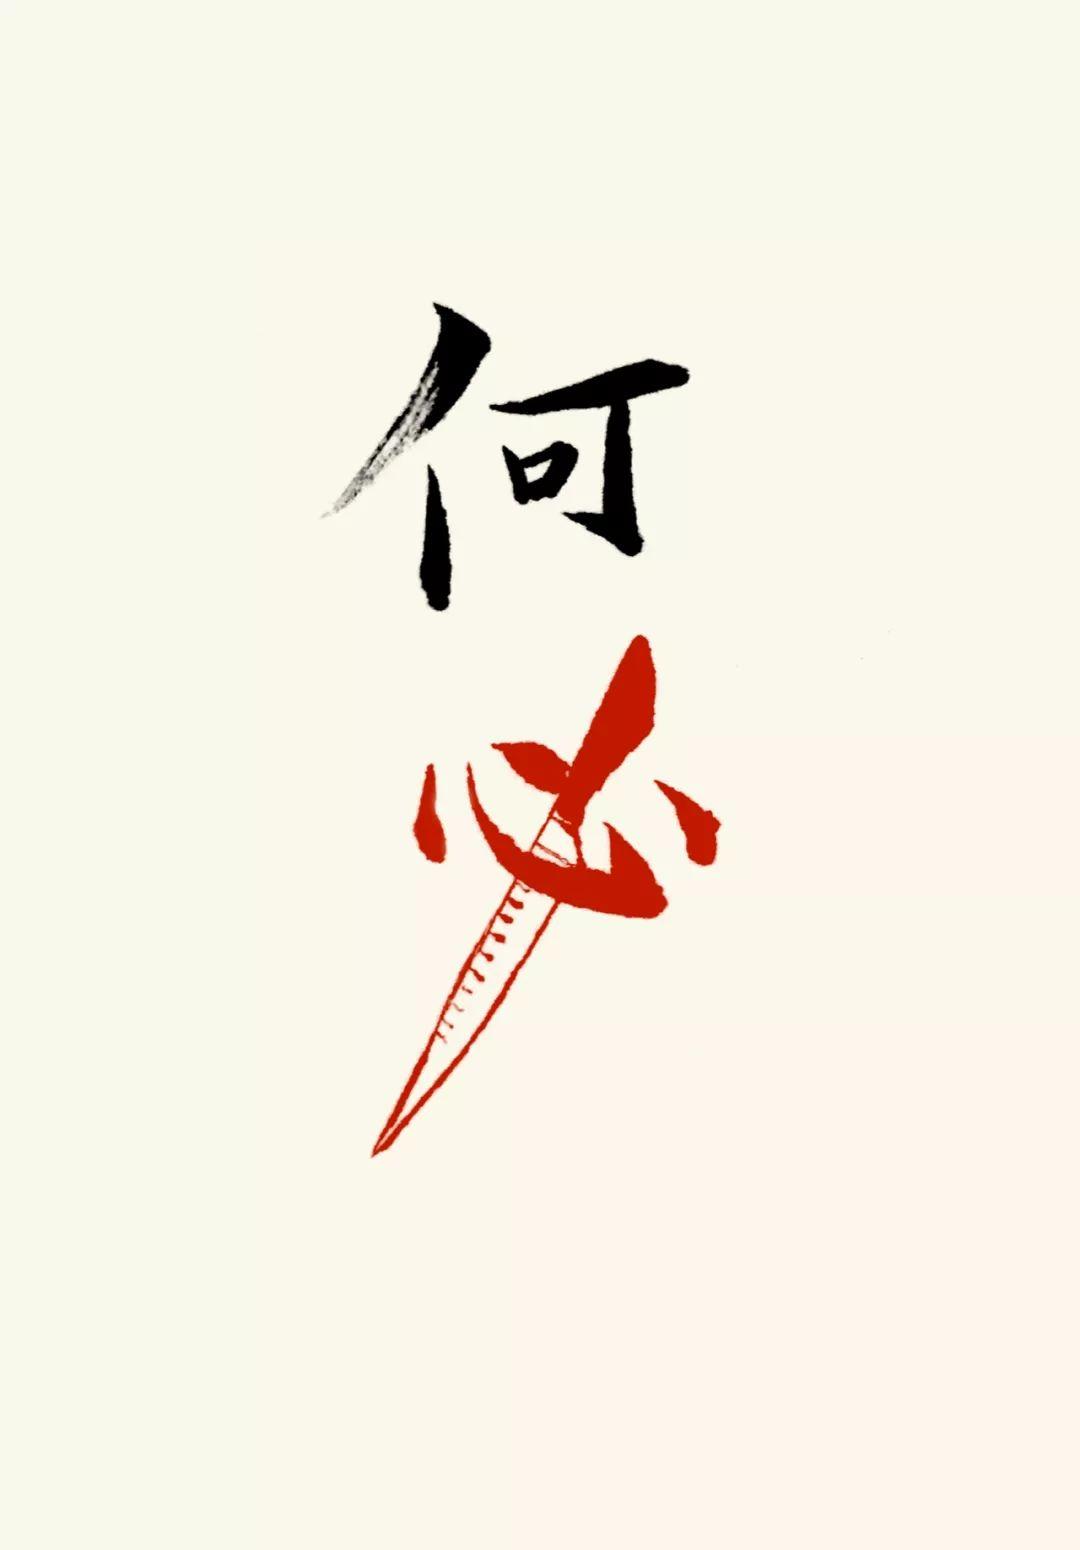 乐橙lc8集团官网·孙杨一日双赛成劳模 如今更重视改进出发环节